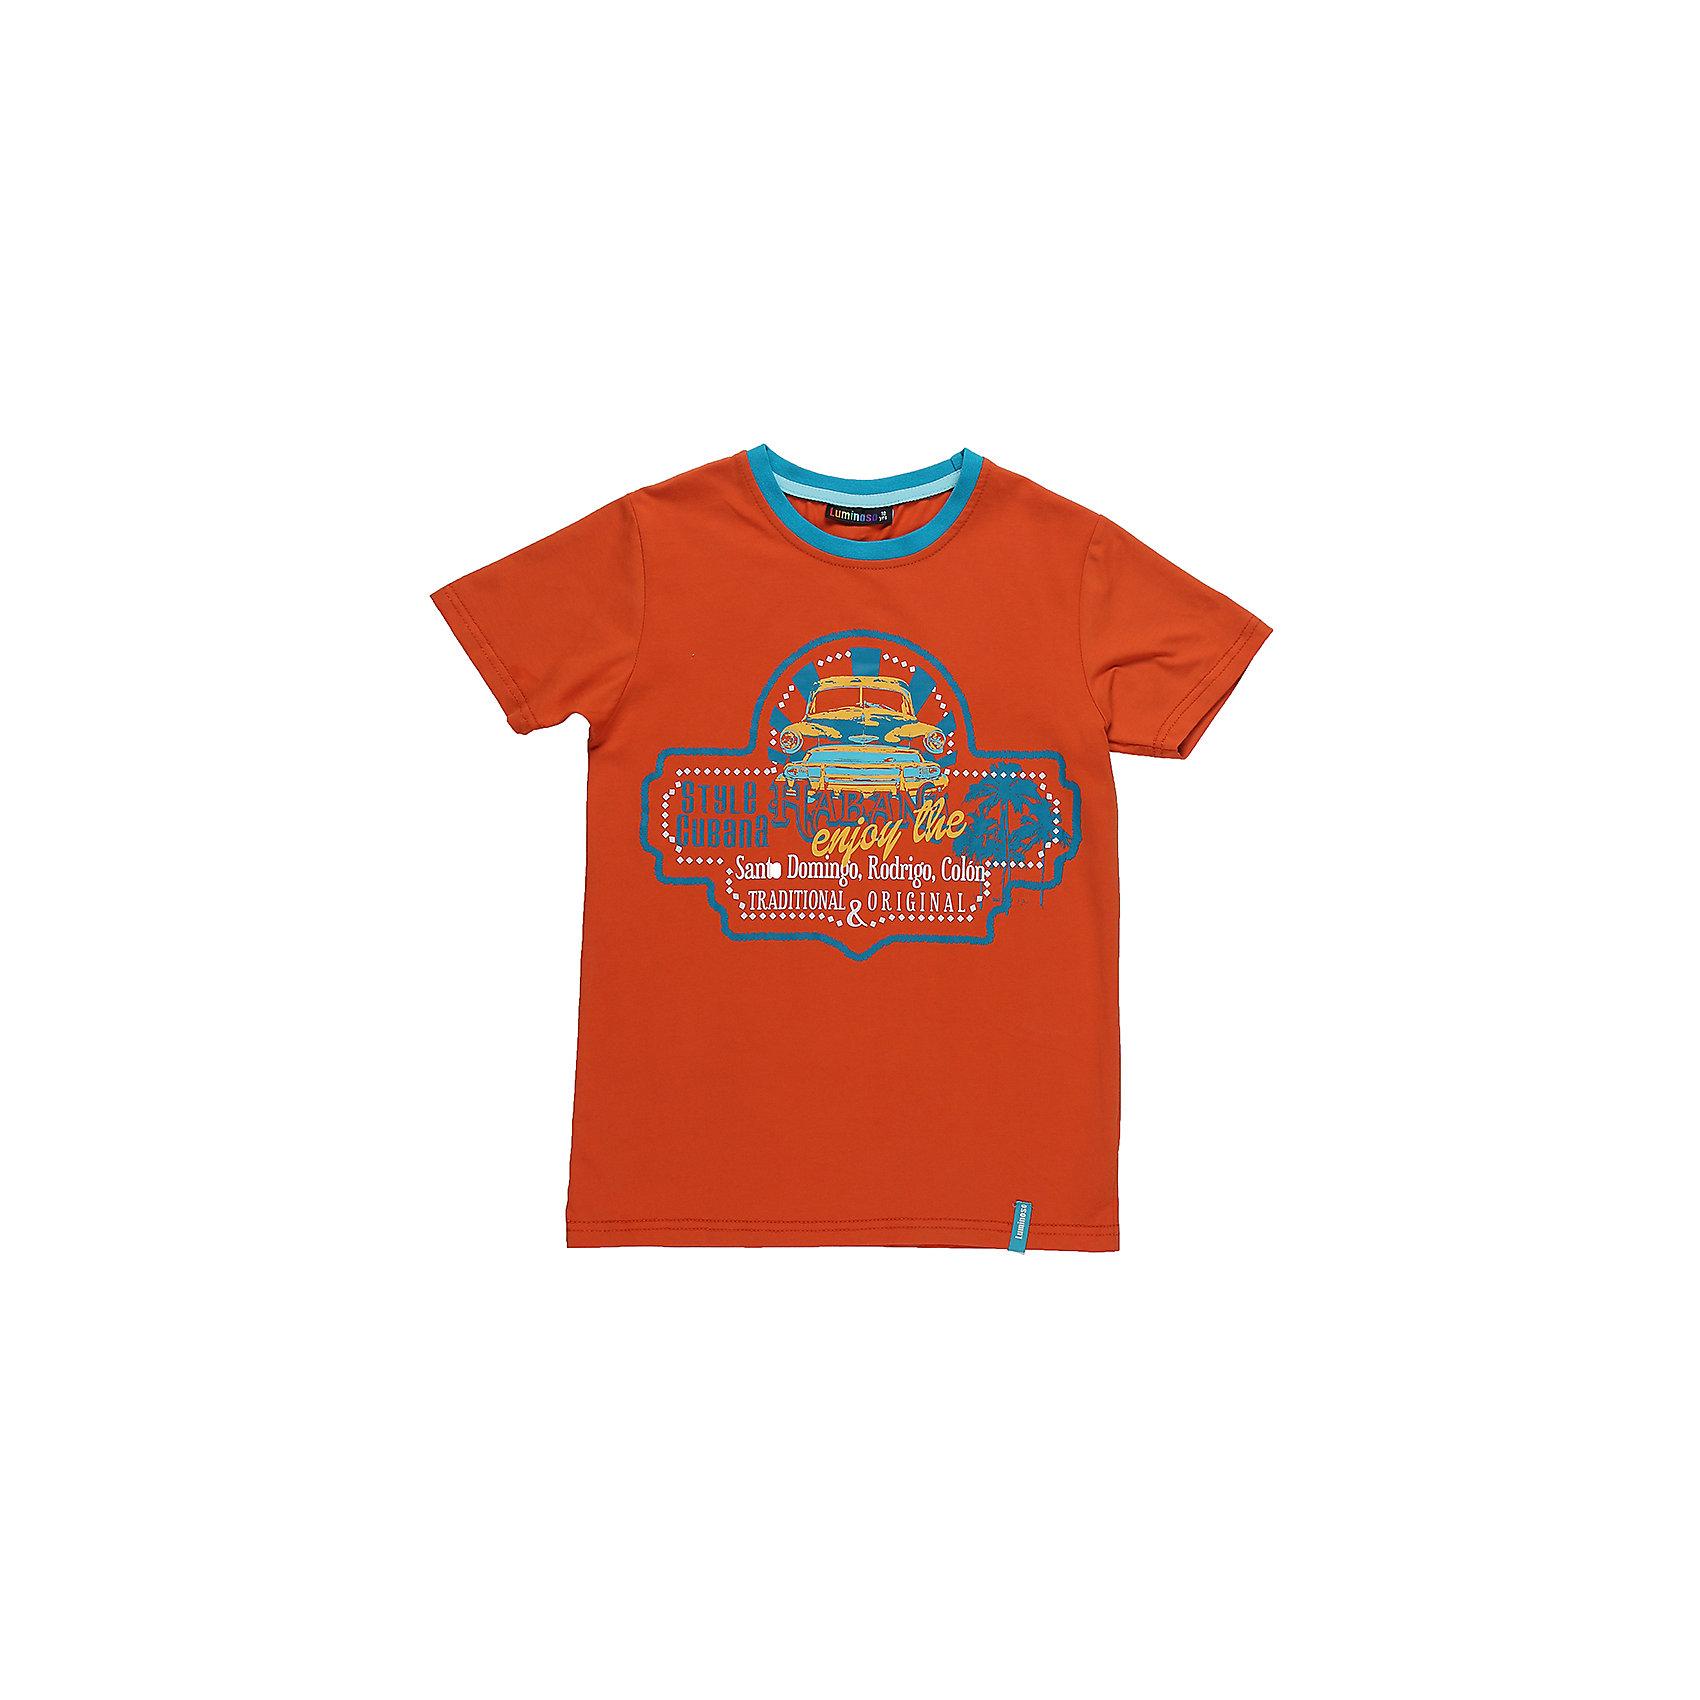 Футболка для мальчика LuminosoФутболки, поло и топы<br>Стильная футболка из трикотажной ткани для мальчика с коротким рукавом. Декорирована ярким принтом. Горловина выделена контрастным кантом.<br>Состав:<br>95%хлопок 5%эластан<br><br>Ширина мм: 199<br>Глубина мм: 10<br>Высота мм: 161<br>Вес г: 151<br>Цвет: оранжевый<br>Возраст от месяцев: 96<br>Возраст до месяцев: 108<br>Пол: Мужской<br>Возраст: Детский<br>Размер: 134,140,146,152,158,164<br>SKU: 5409782